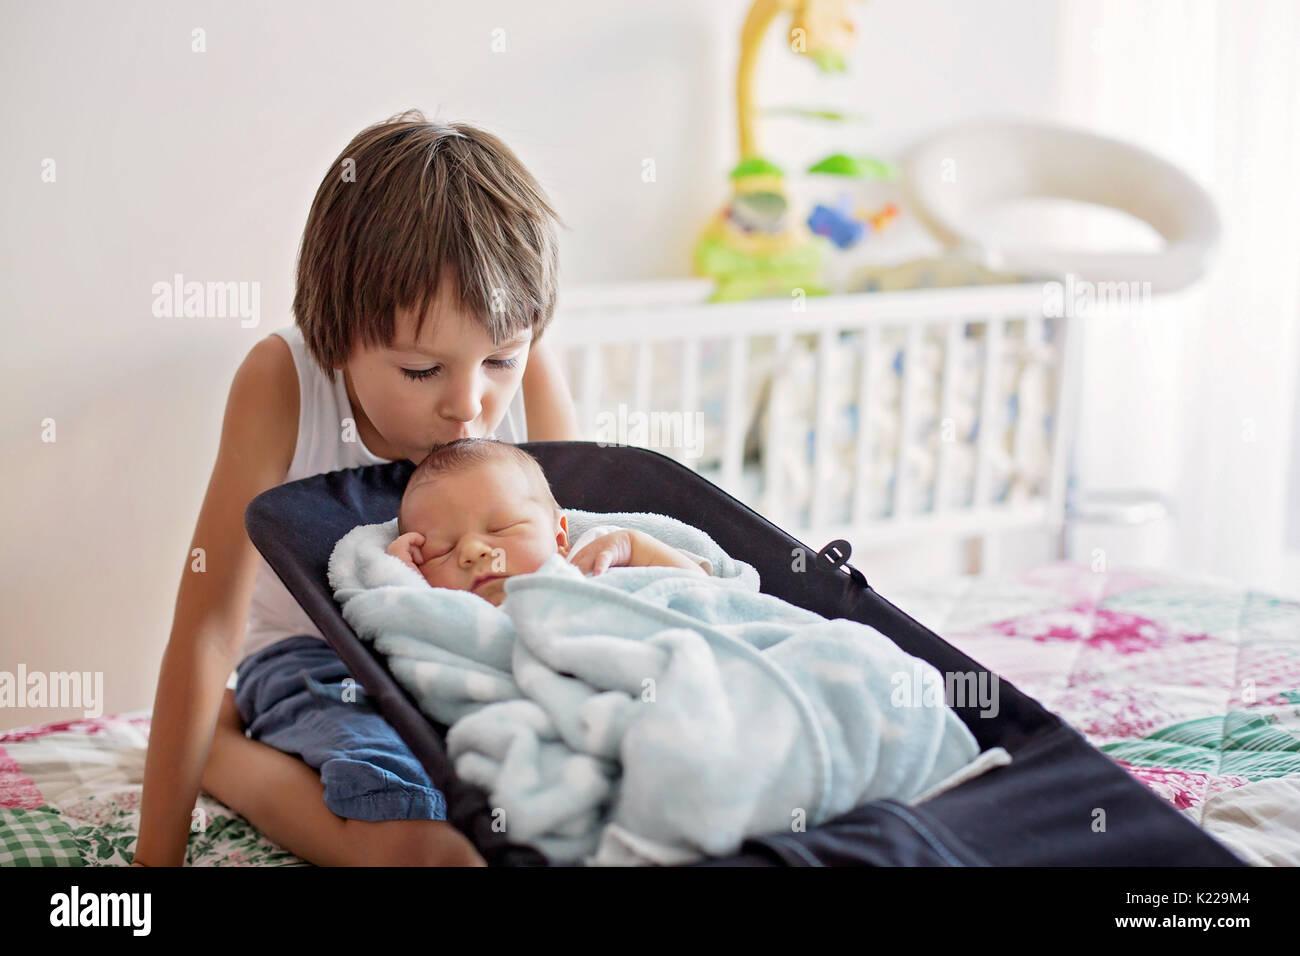 Schöne junge, umarmen mit Zärtlichkeit und sein neugeborenes Baby Bruder Pflege zu Hause. Familie Liebe Glück Konzept Stockbild